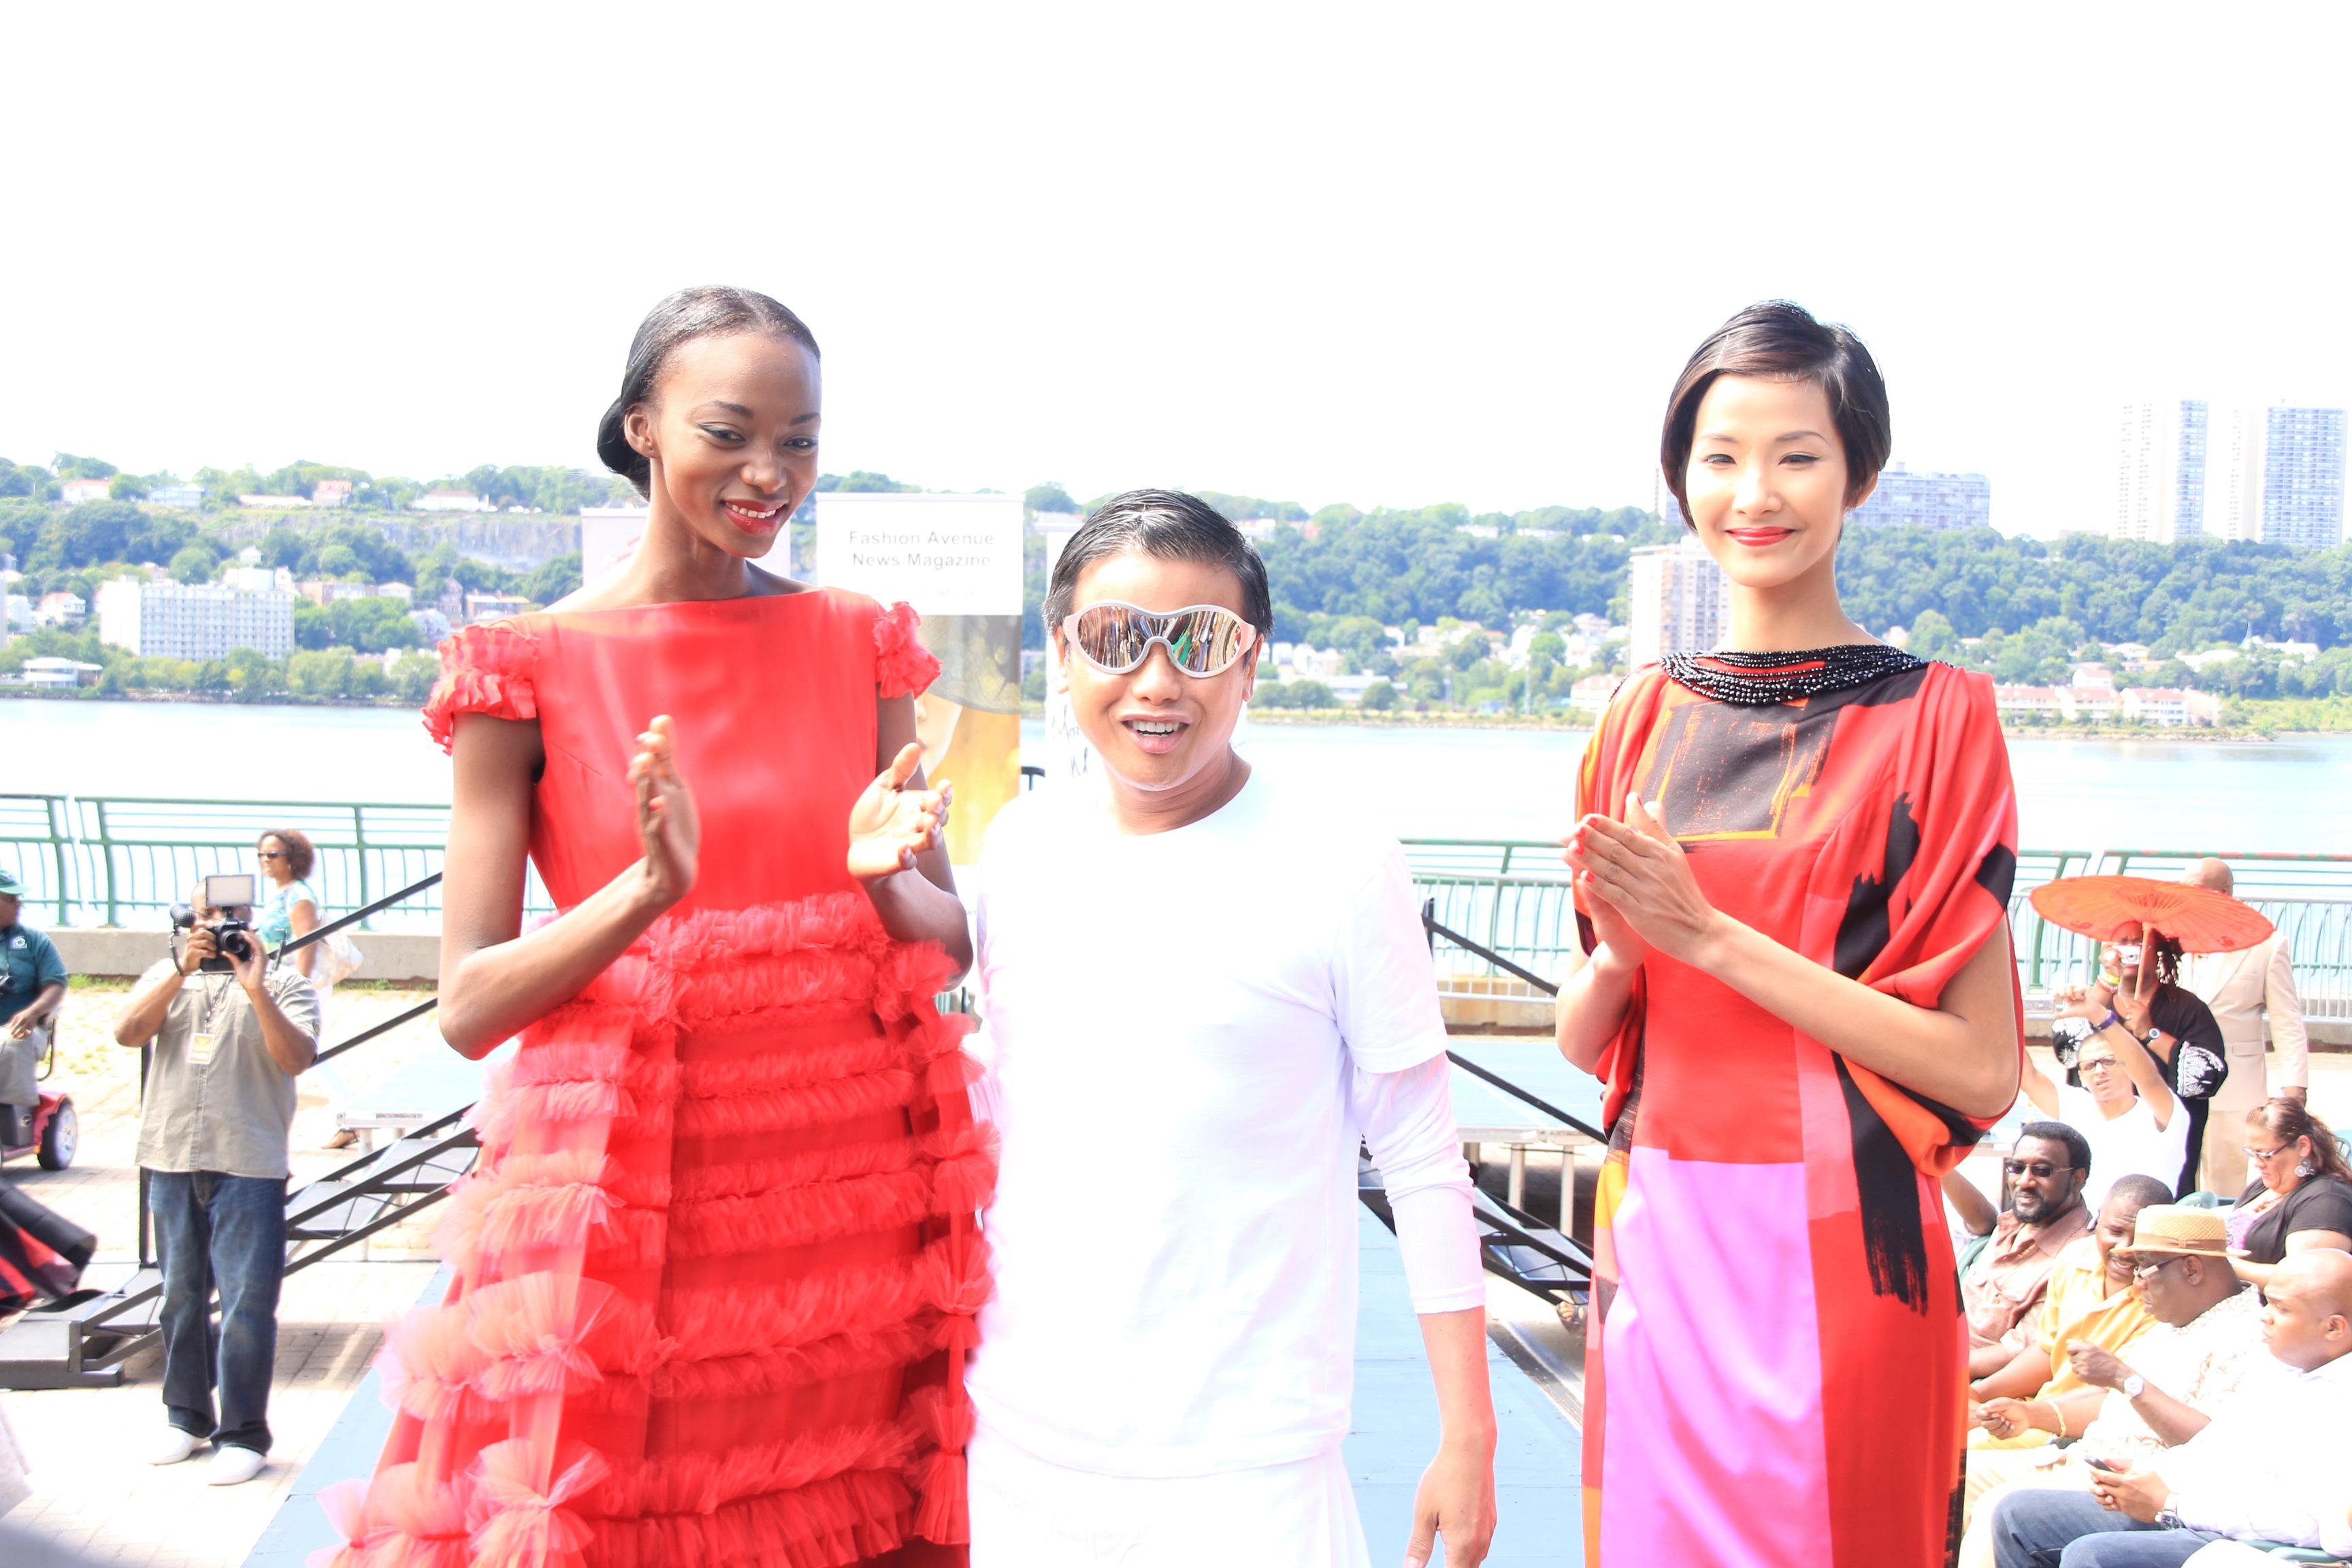 #VLCNewYork: Fashion on the Hudson, desfiles de moda al aire libre y abiertos a todo público